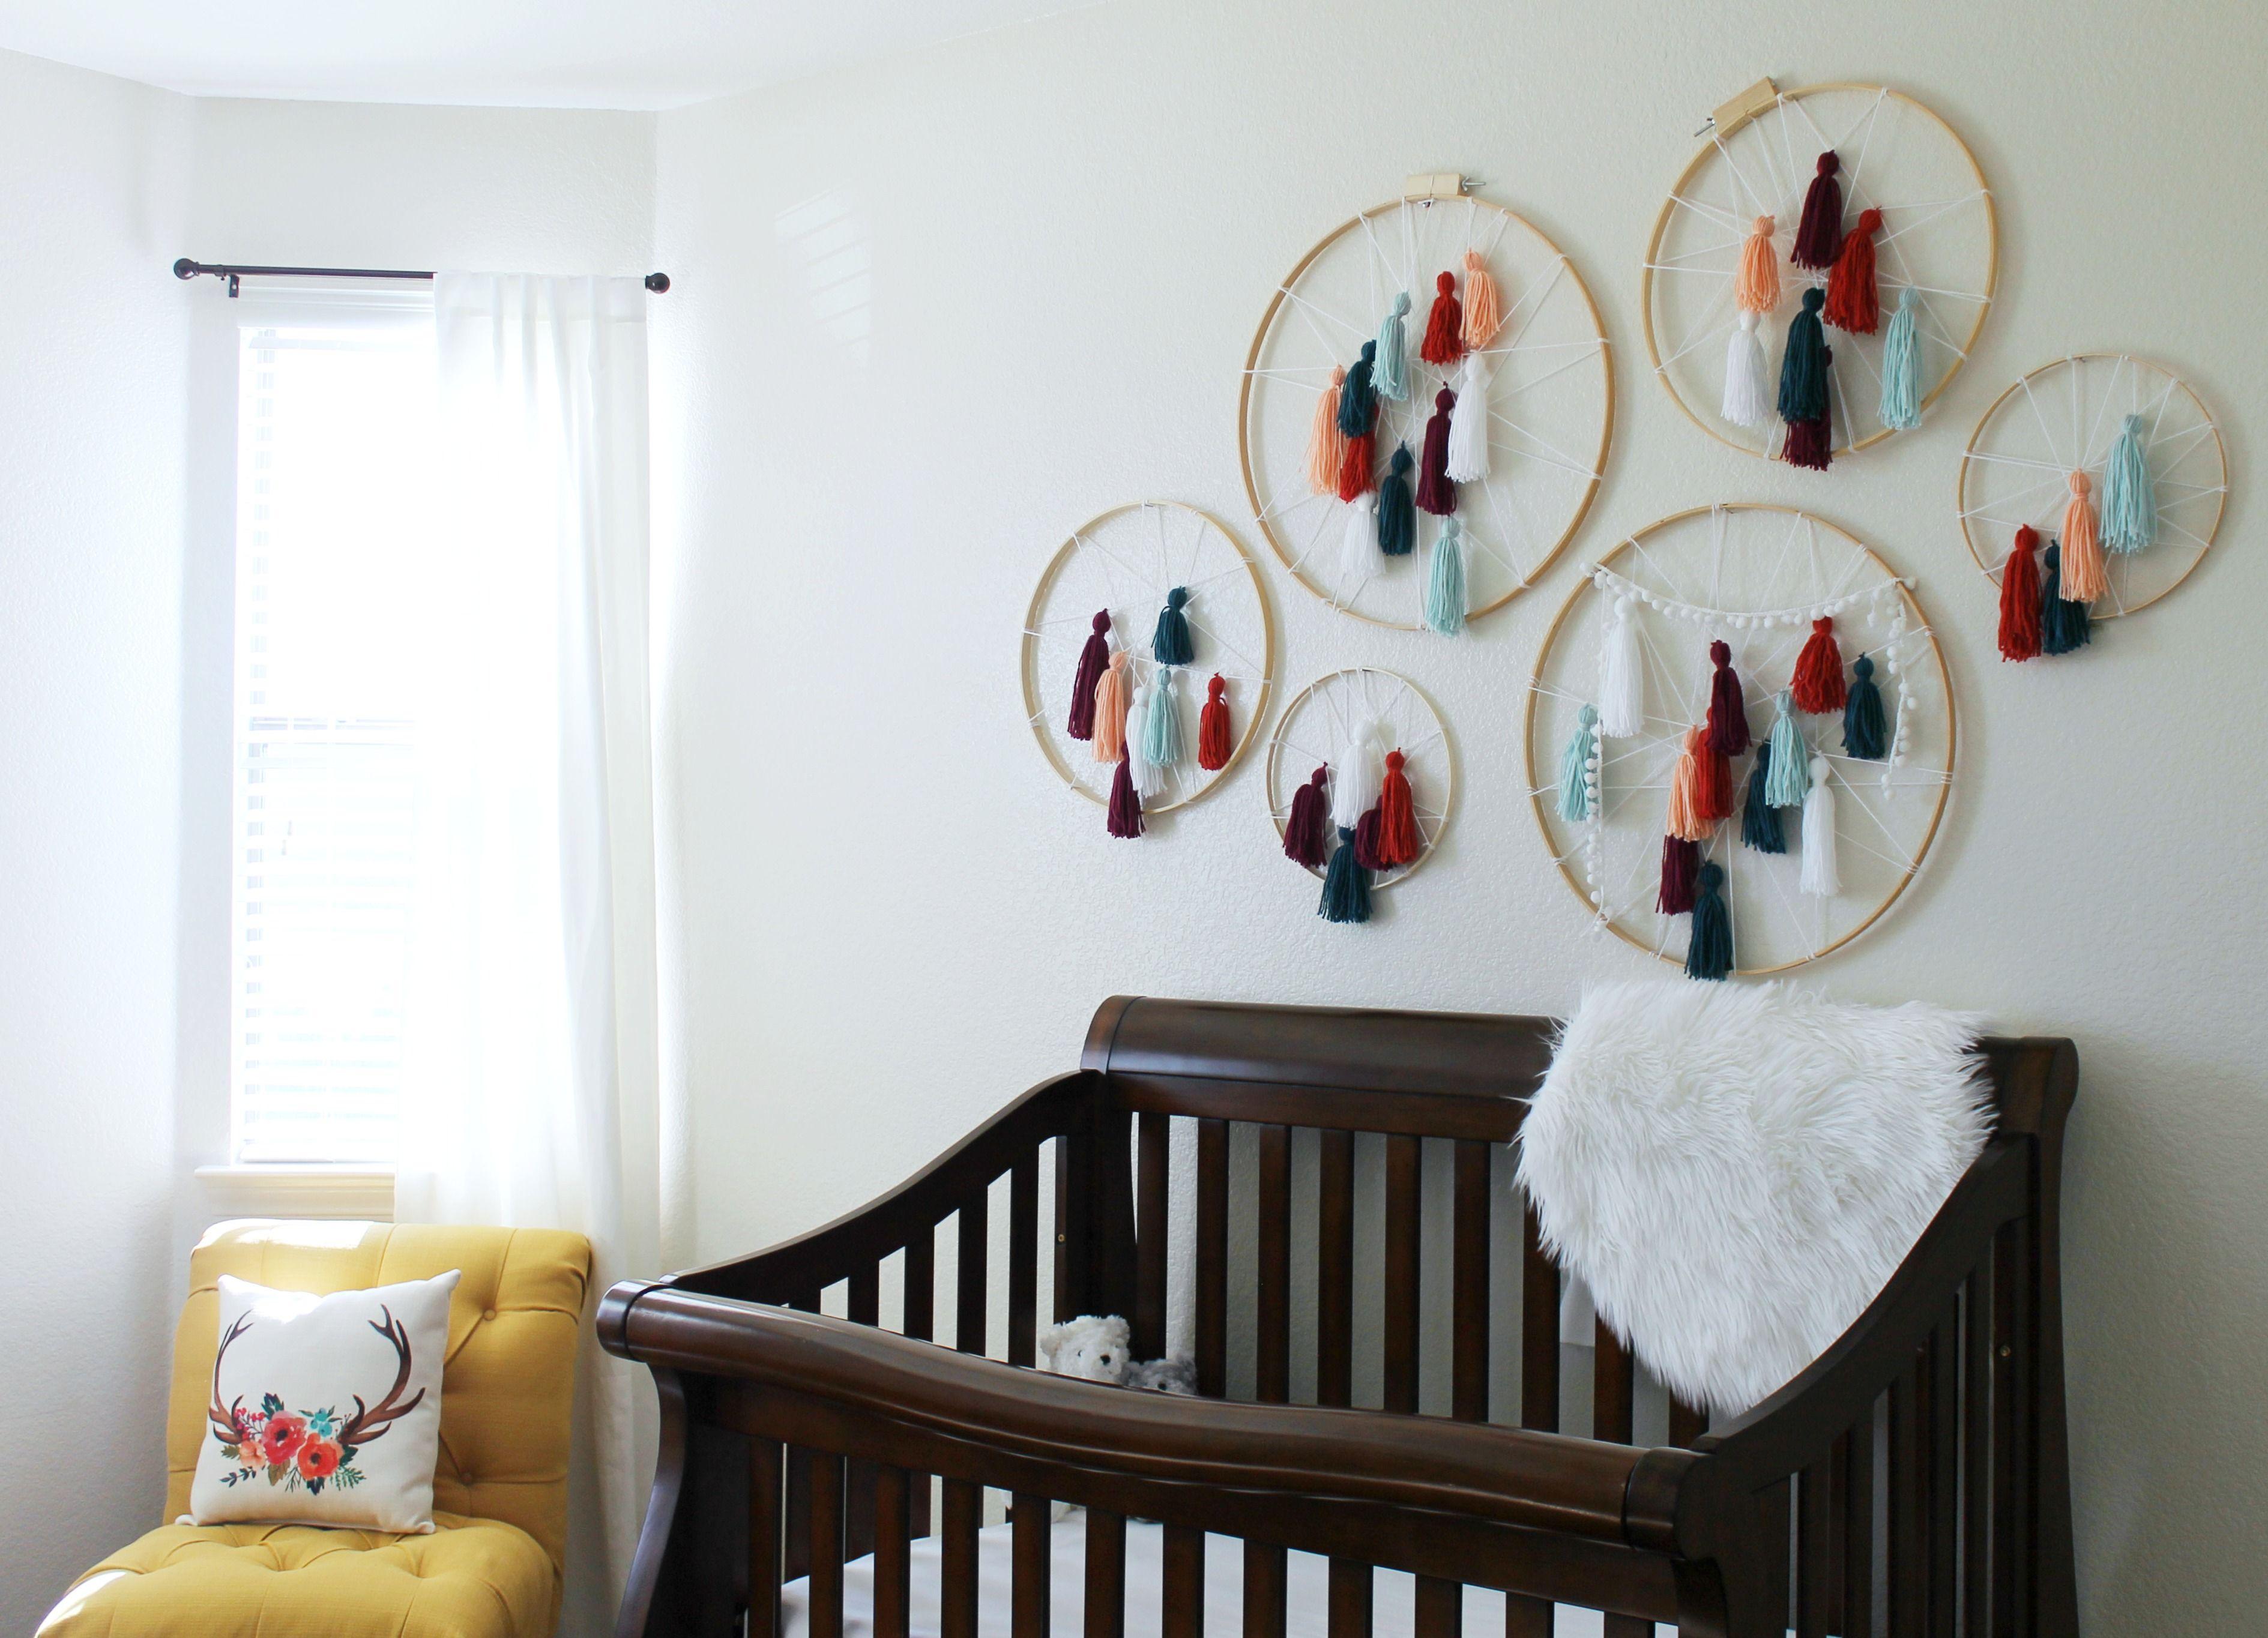 Dreamcatcher Wall Art diy tassel dreamcatcher yarn wall art tutorial | yarn wall art